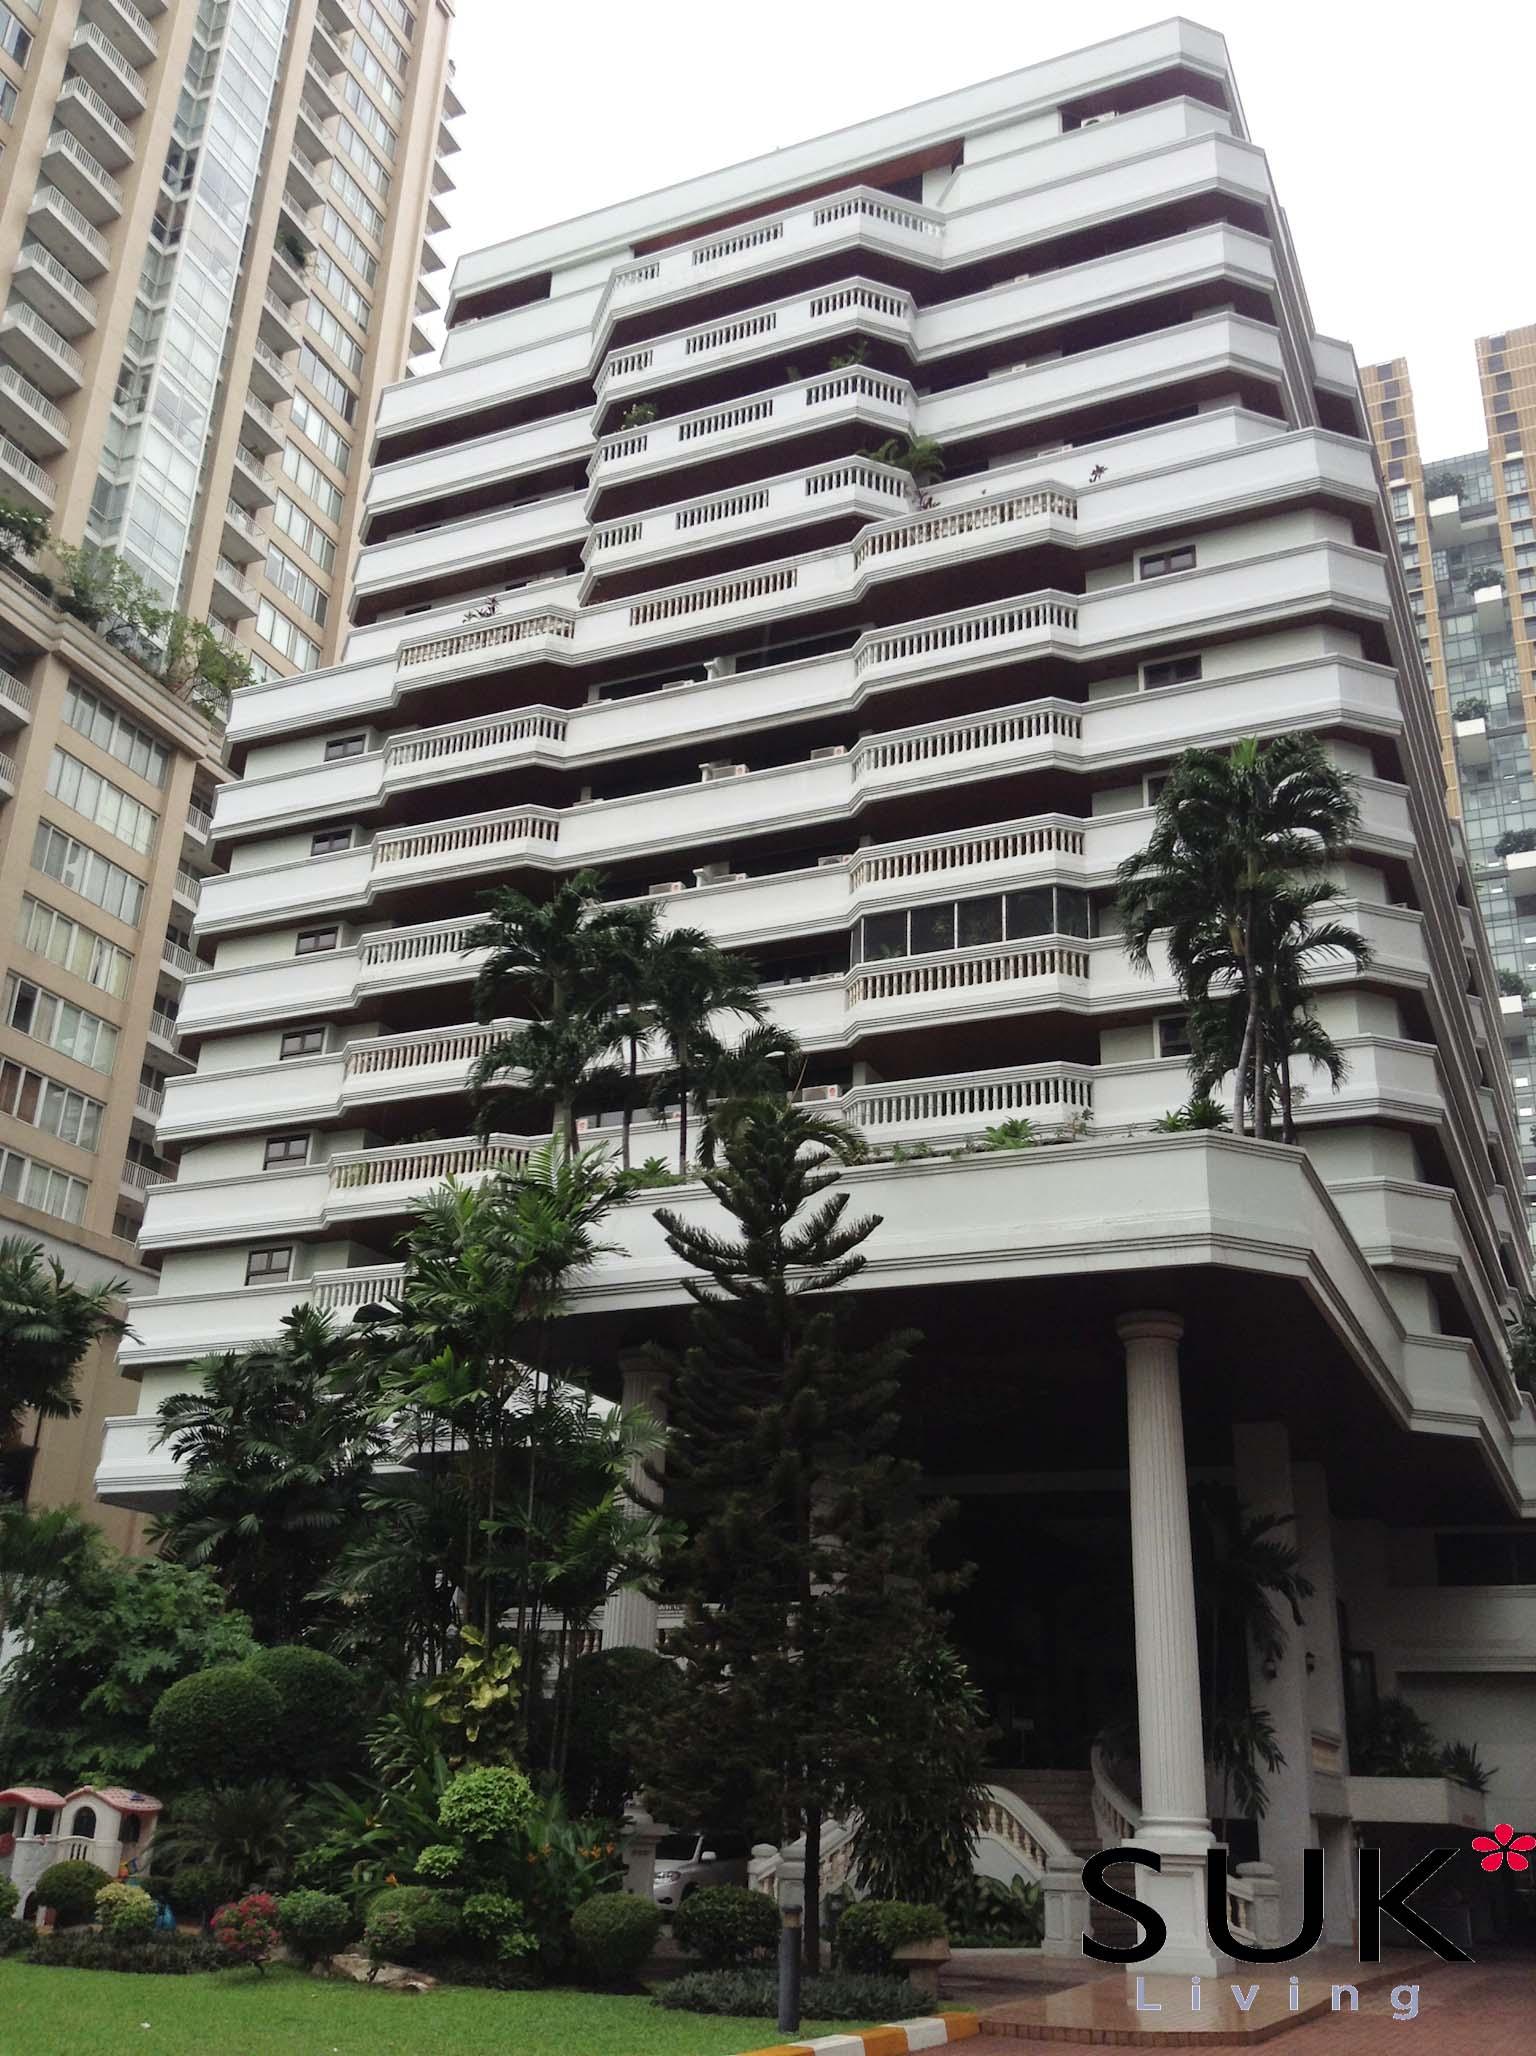 ガーデンビューマンションの外観の写真